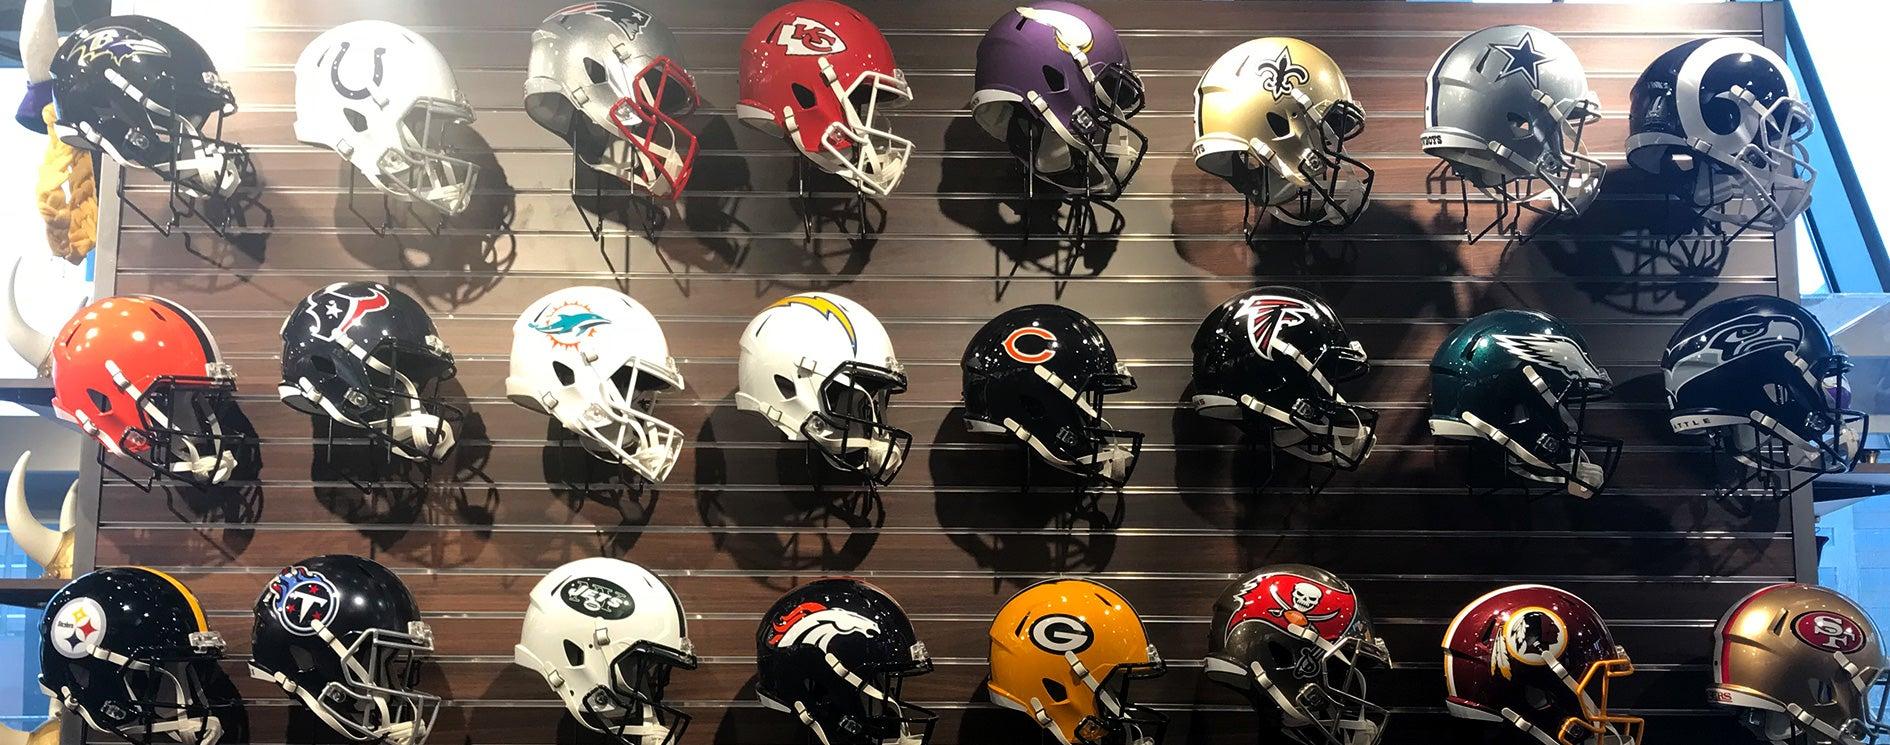 buy online 08bf8 df5d8 Vikings Team Store | U.S. Bank Stadium